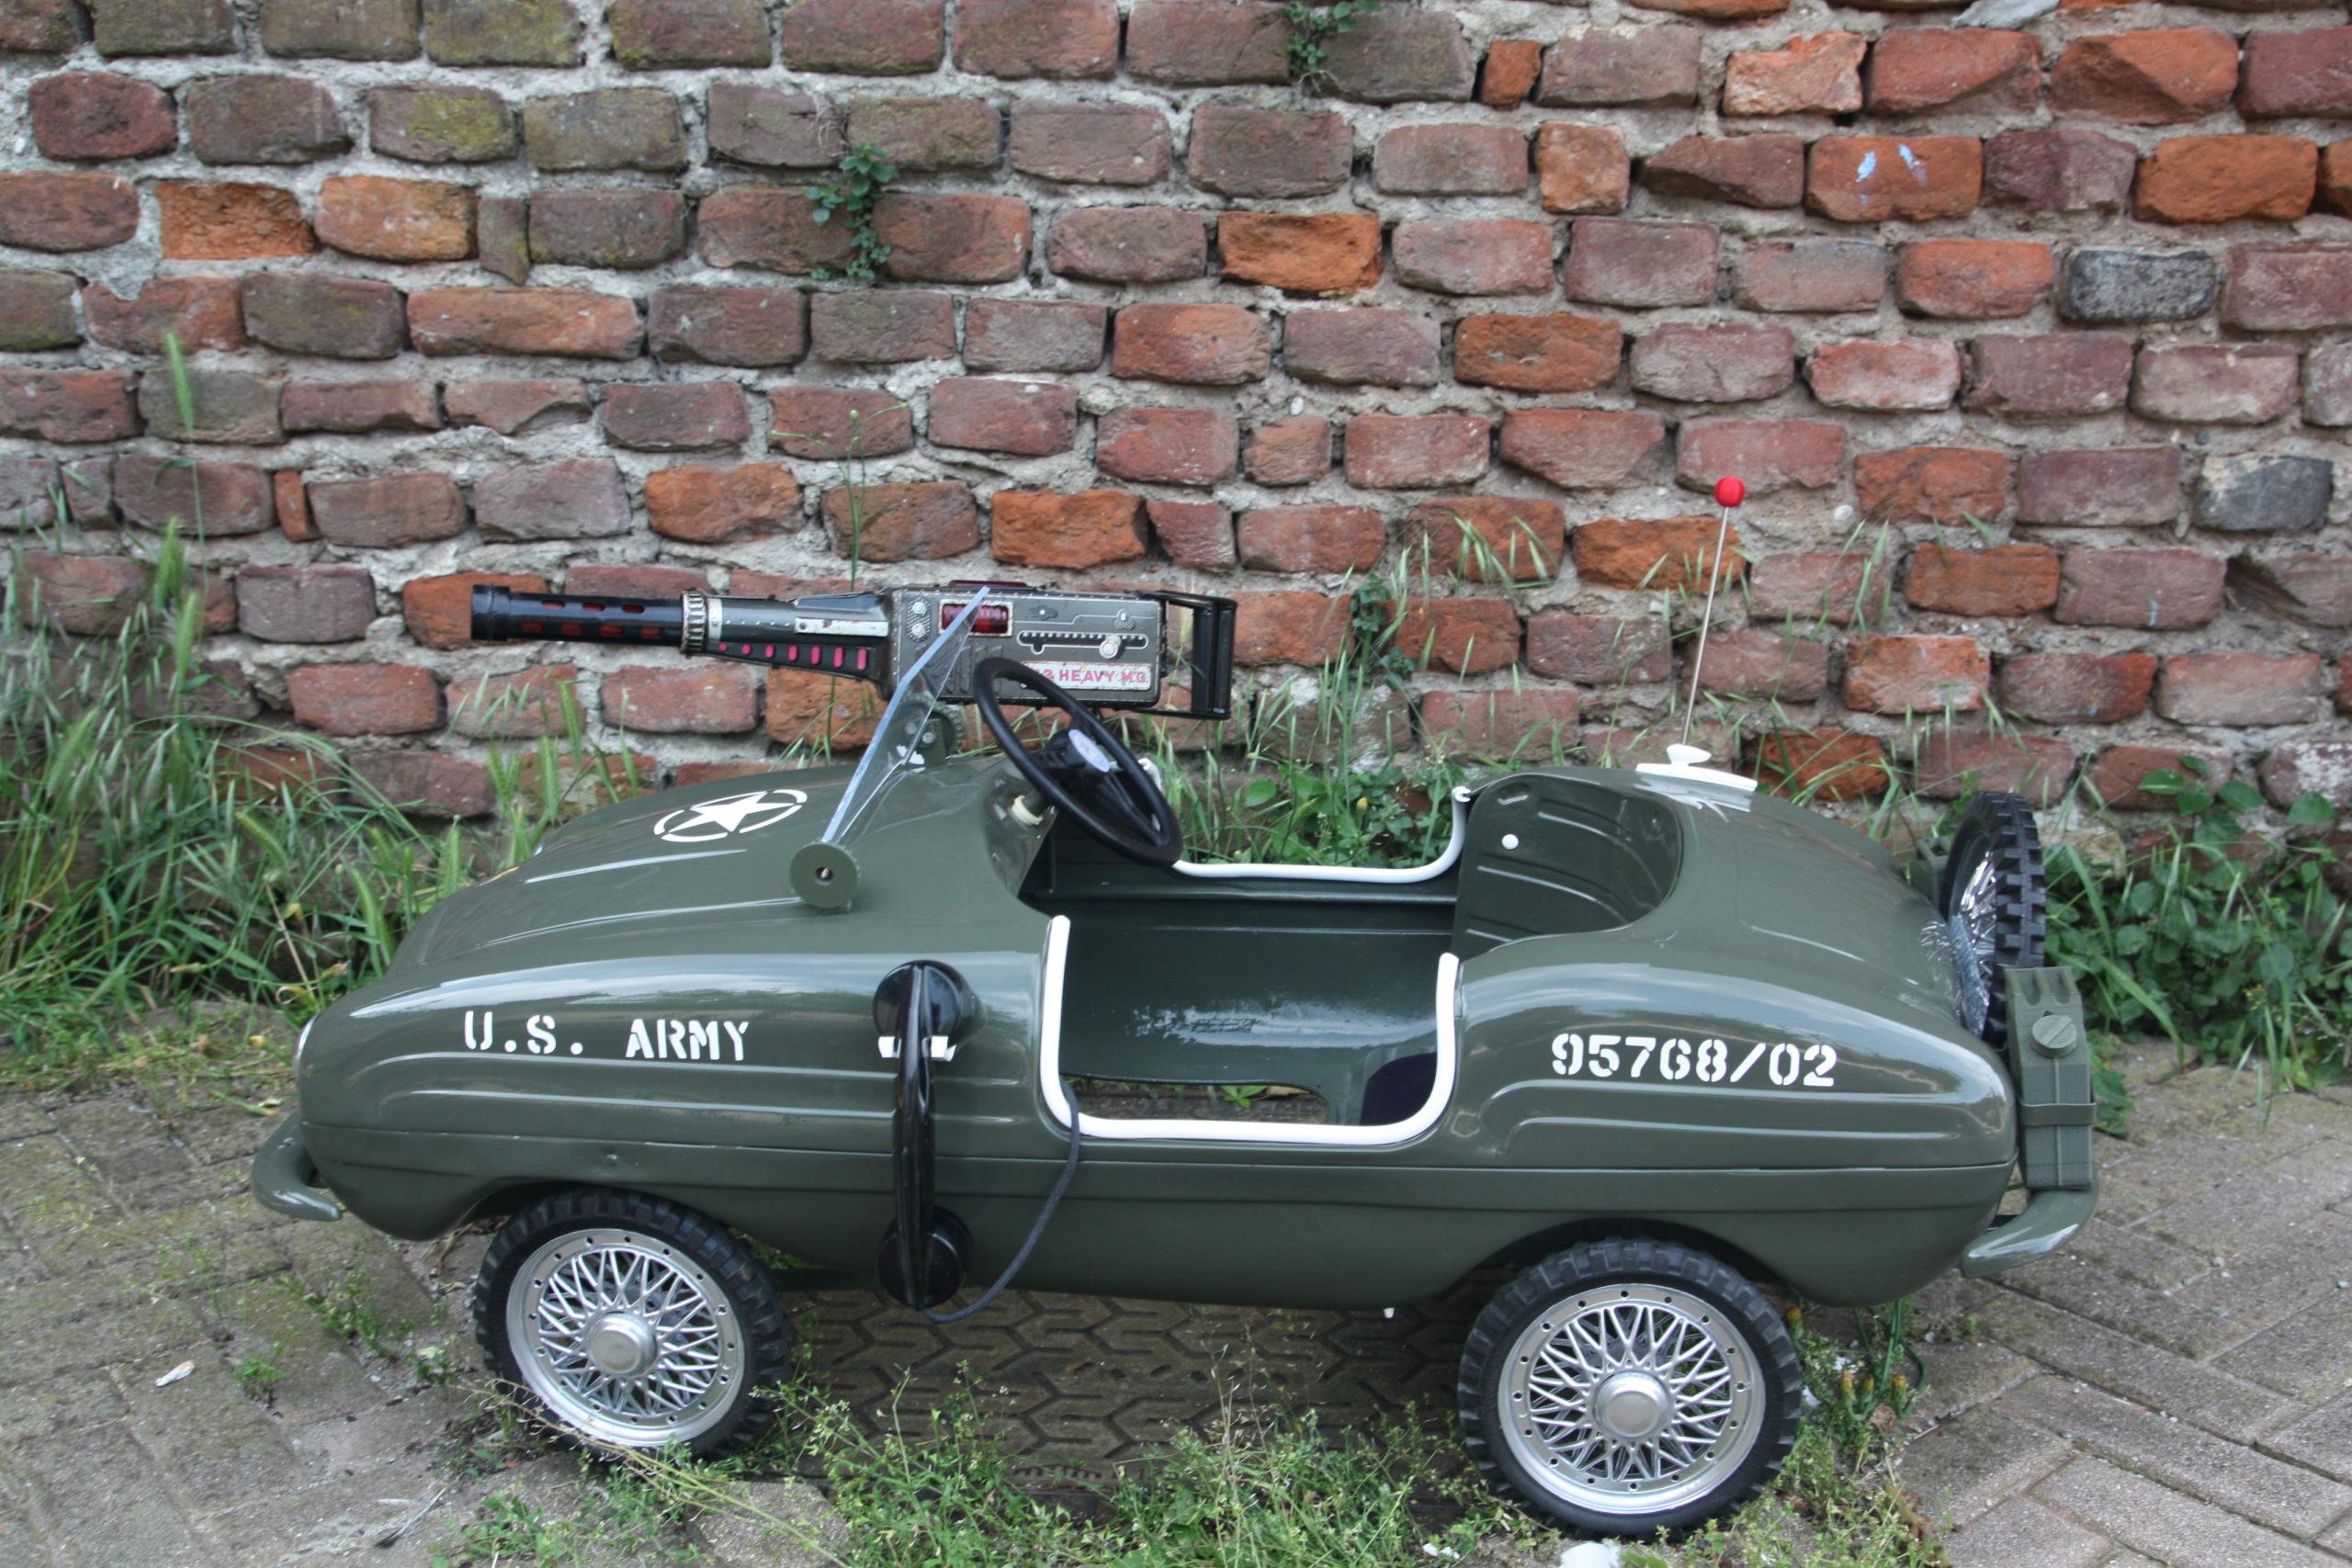 Giordani Auto militare U.S ARMY